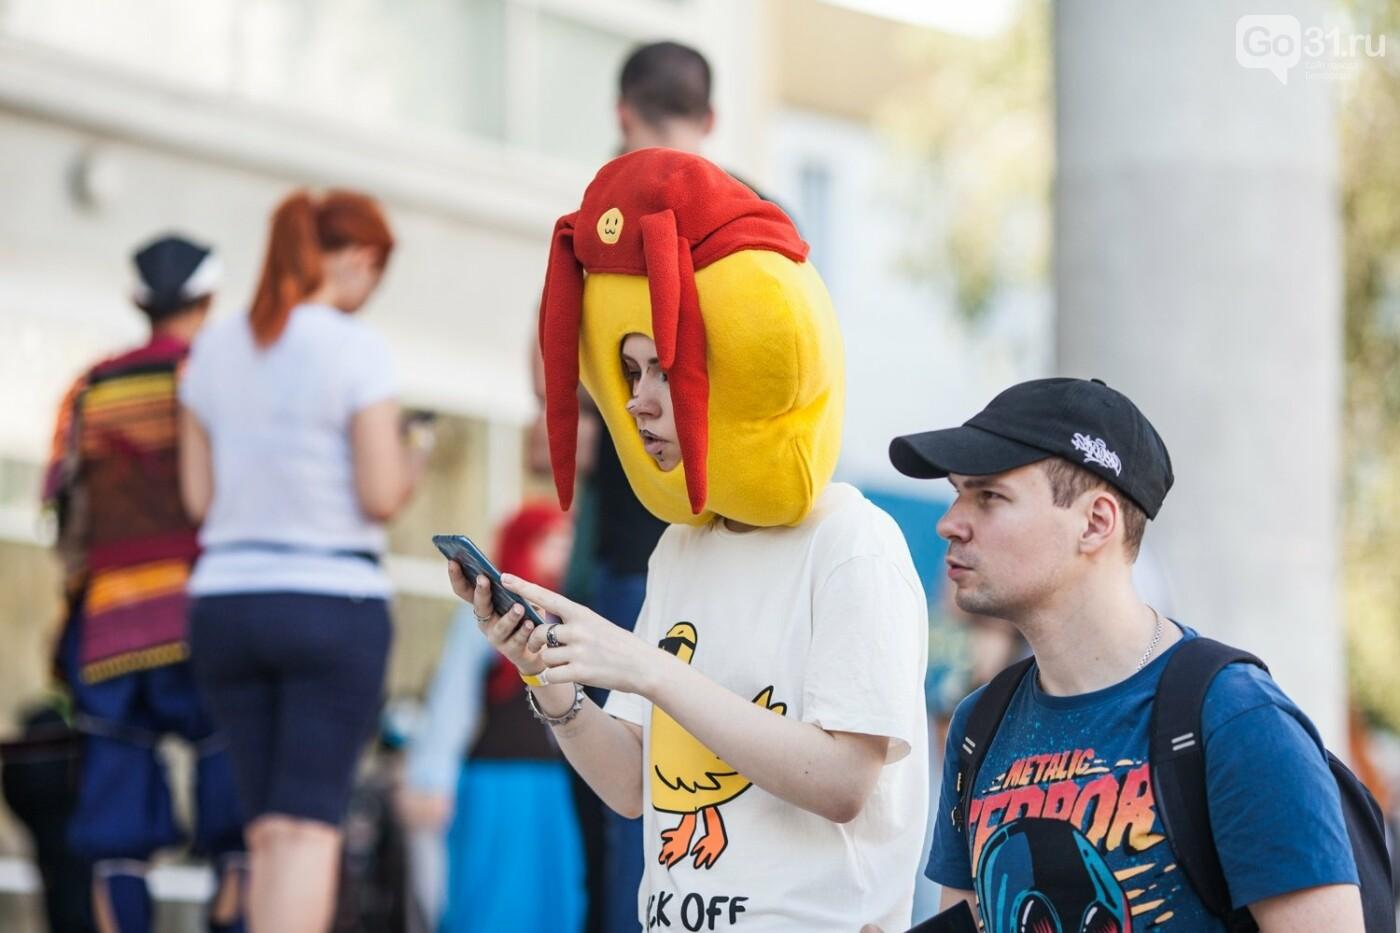 Аниме-фестиваль в Белгороде собрал российских косплейщиков, фото-8